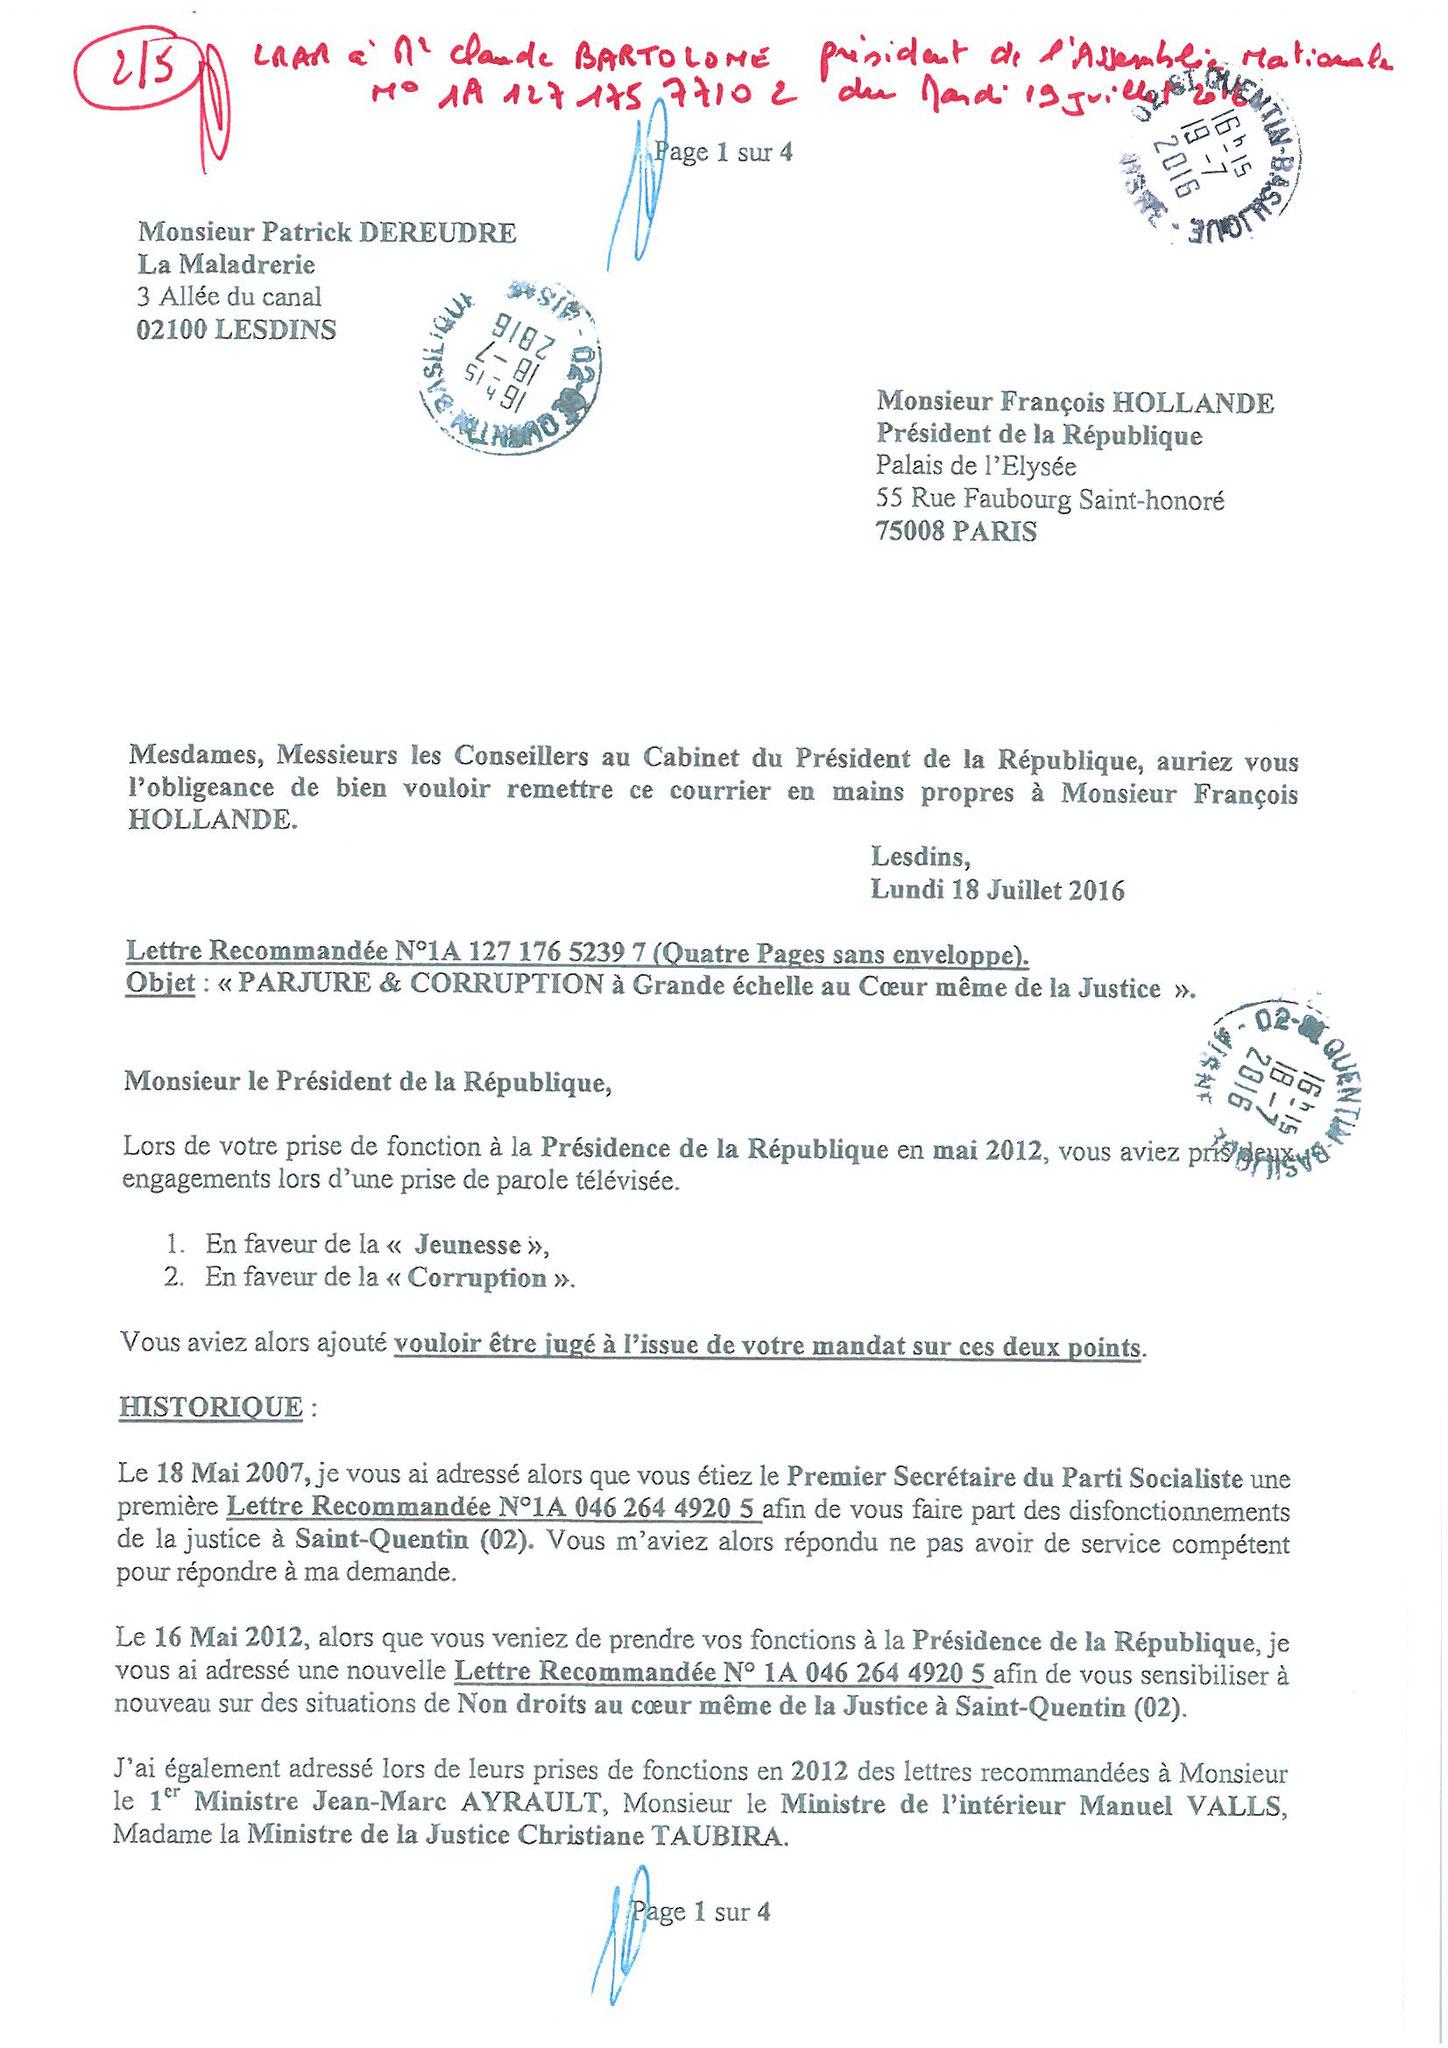 LRAR du 19 Juillet 2016 à Monsieur Claude BARTOLONE le Président de l'Assemblée Nationale 2 sur 5